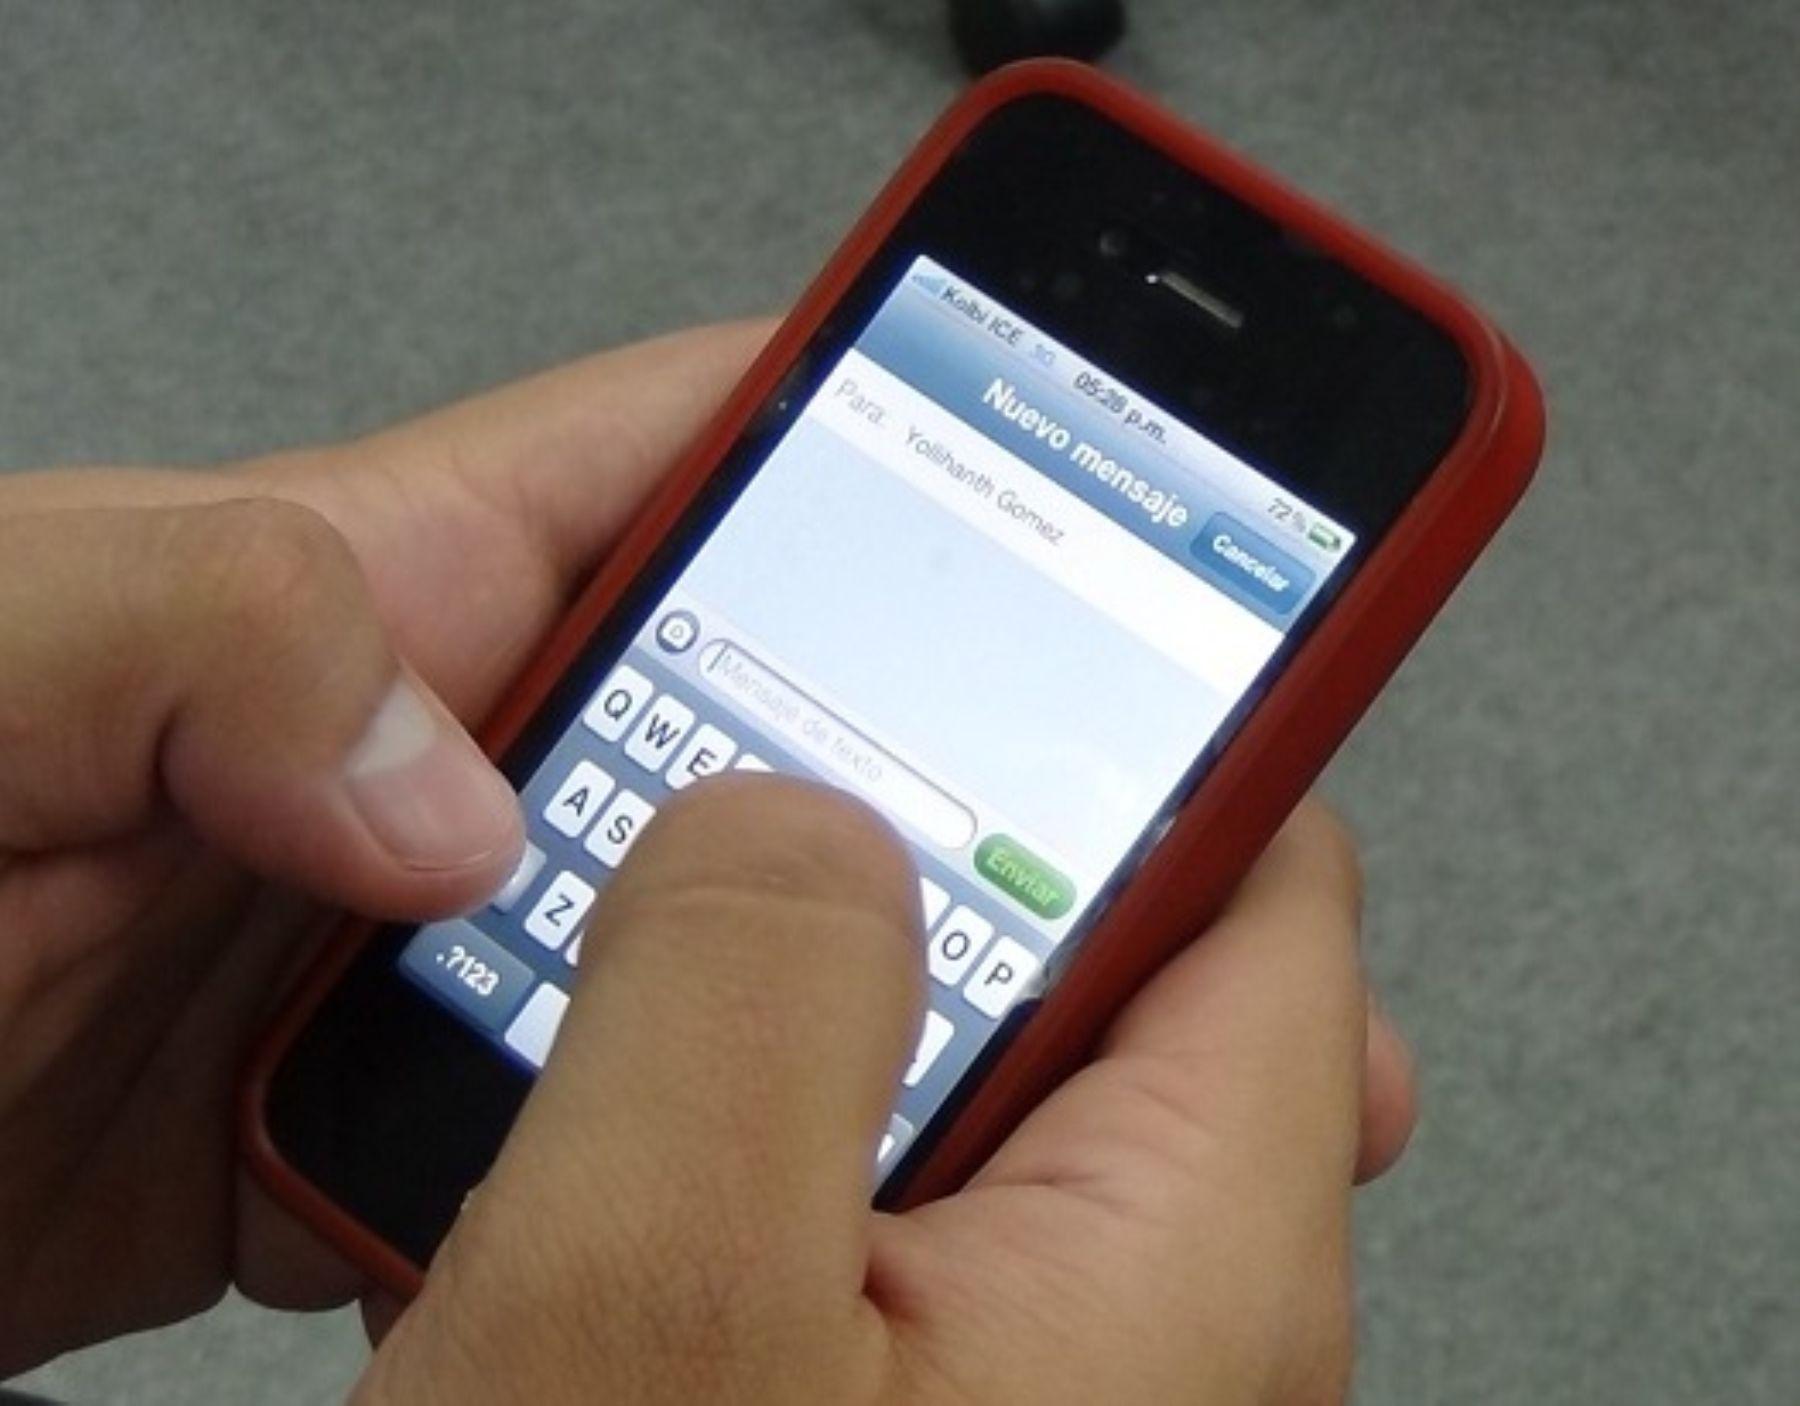 Movistar anunció la liberación del servicio de mensajes gratuitos para los habitantes de las regiones de Loreto y San Martín desde hoy domingo 26 hasta las 23:59 horas del martes 28 de mayo. Cortesía